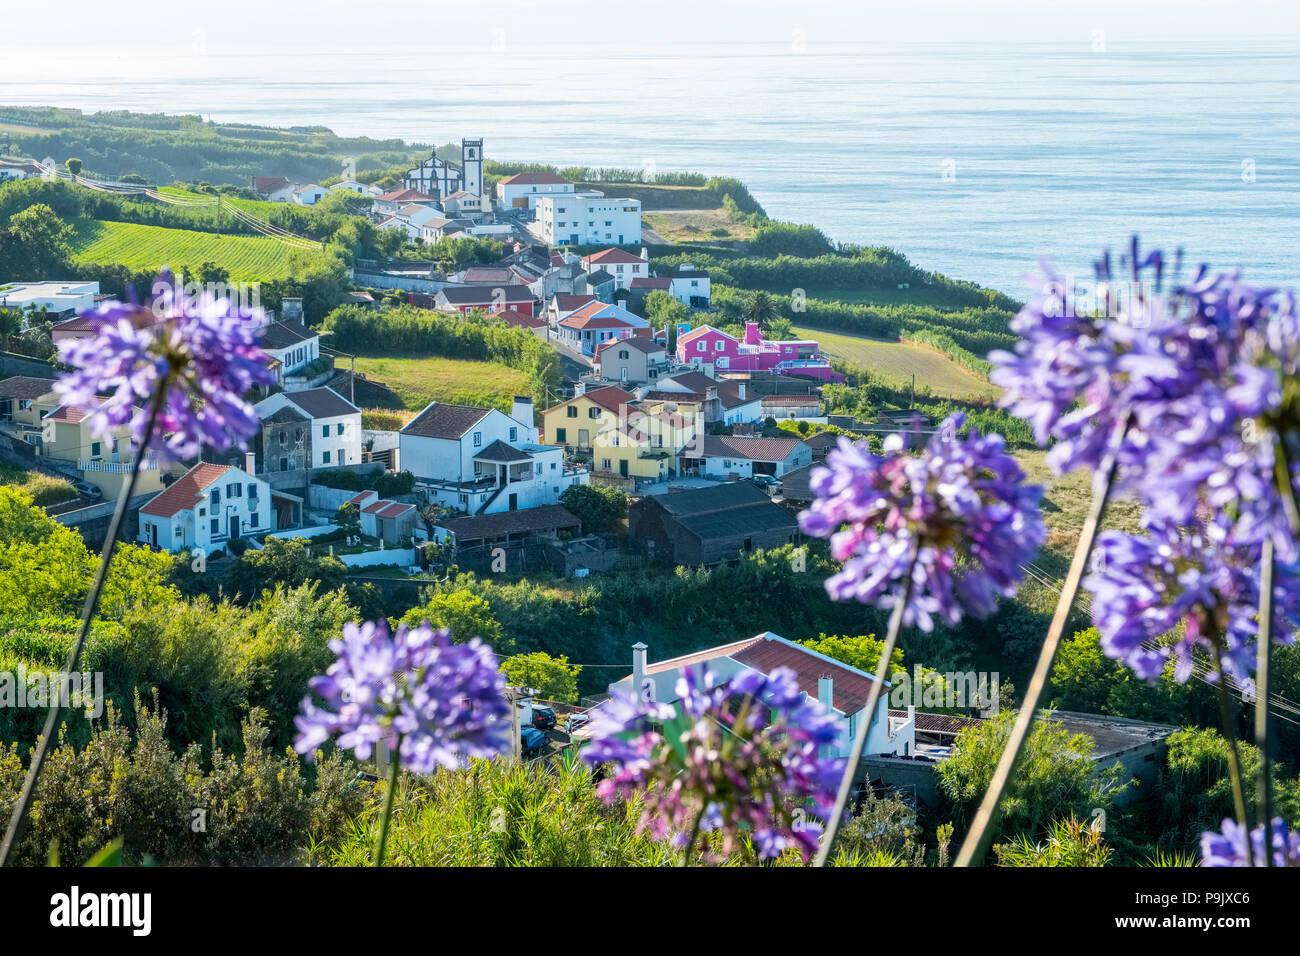 Typische Landschaft auf den Azoren; wilde Blumen, Dorf, Meer. Sao Miguel, Azoren Stockbild